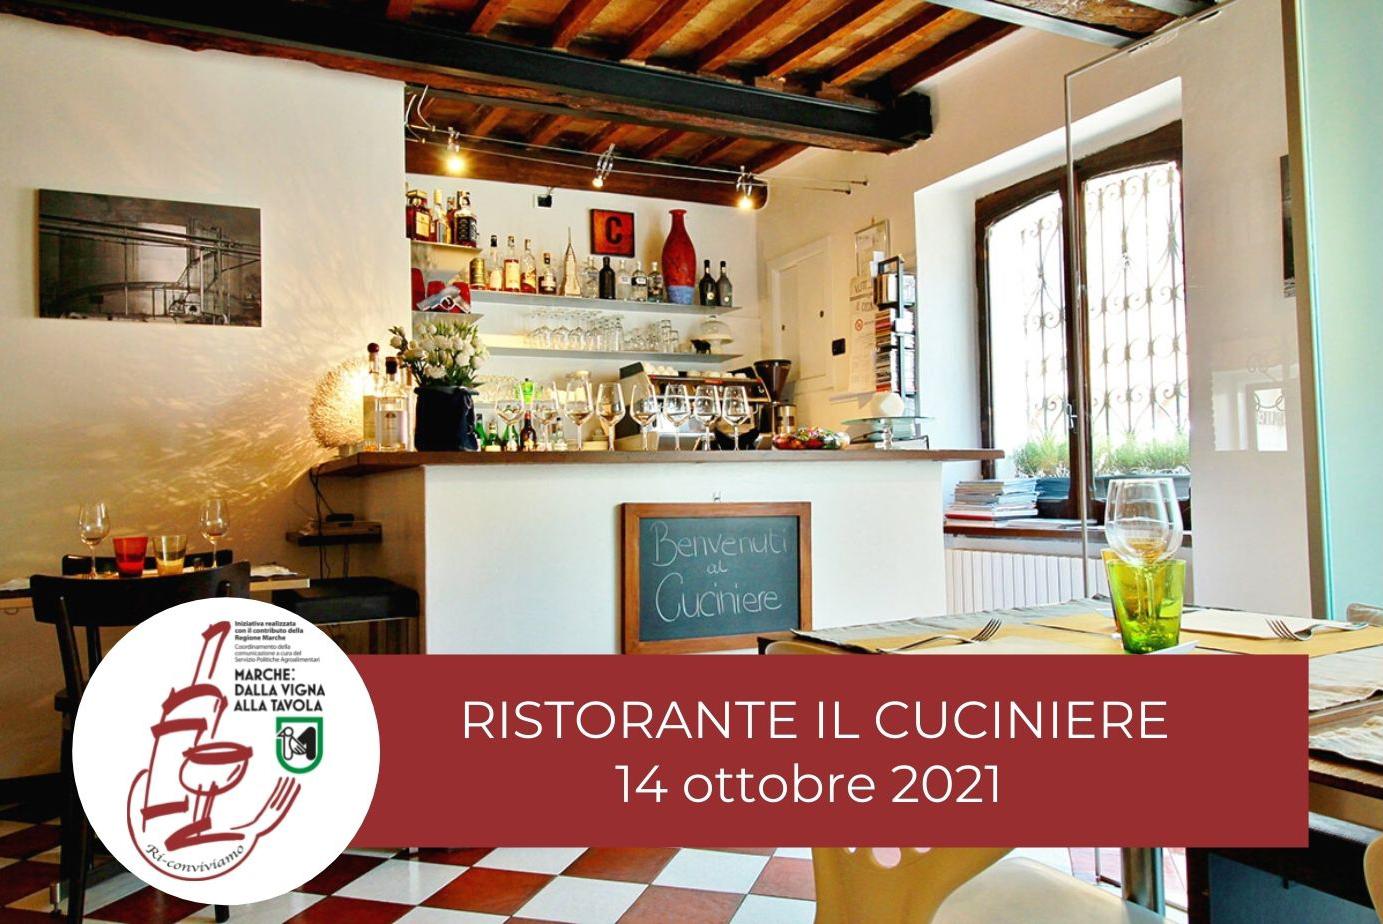 Degustazione del 14 ottobre presso il ristorante Il Cuciniere - Marche: dalla vigna alla tavola. Ri-Conviviamo